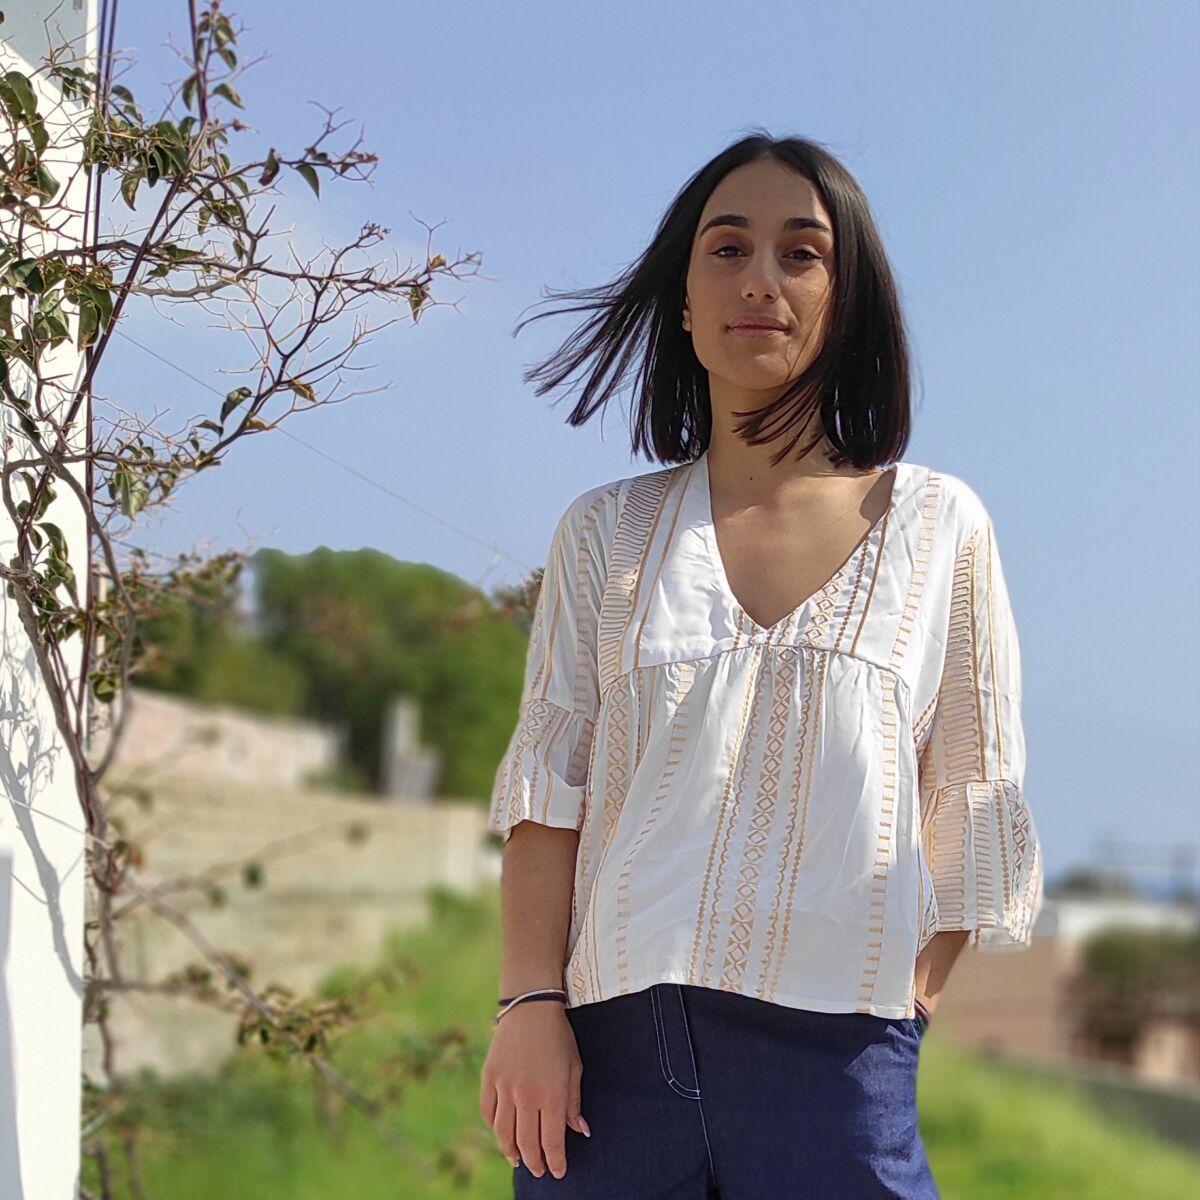 Μπλούζα υφαντή Μπλούζες Ρούχα αξεσουάρ